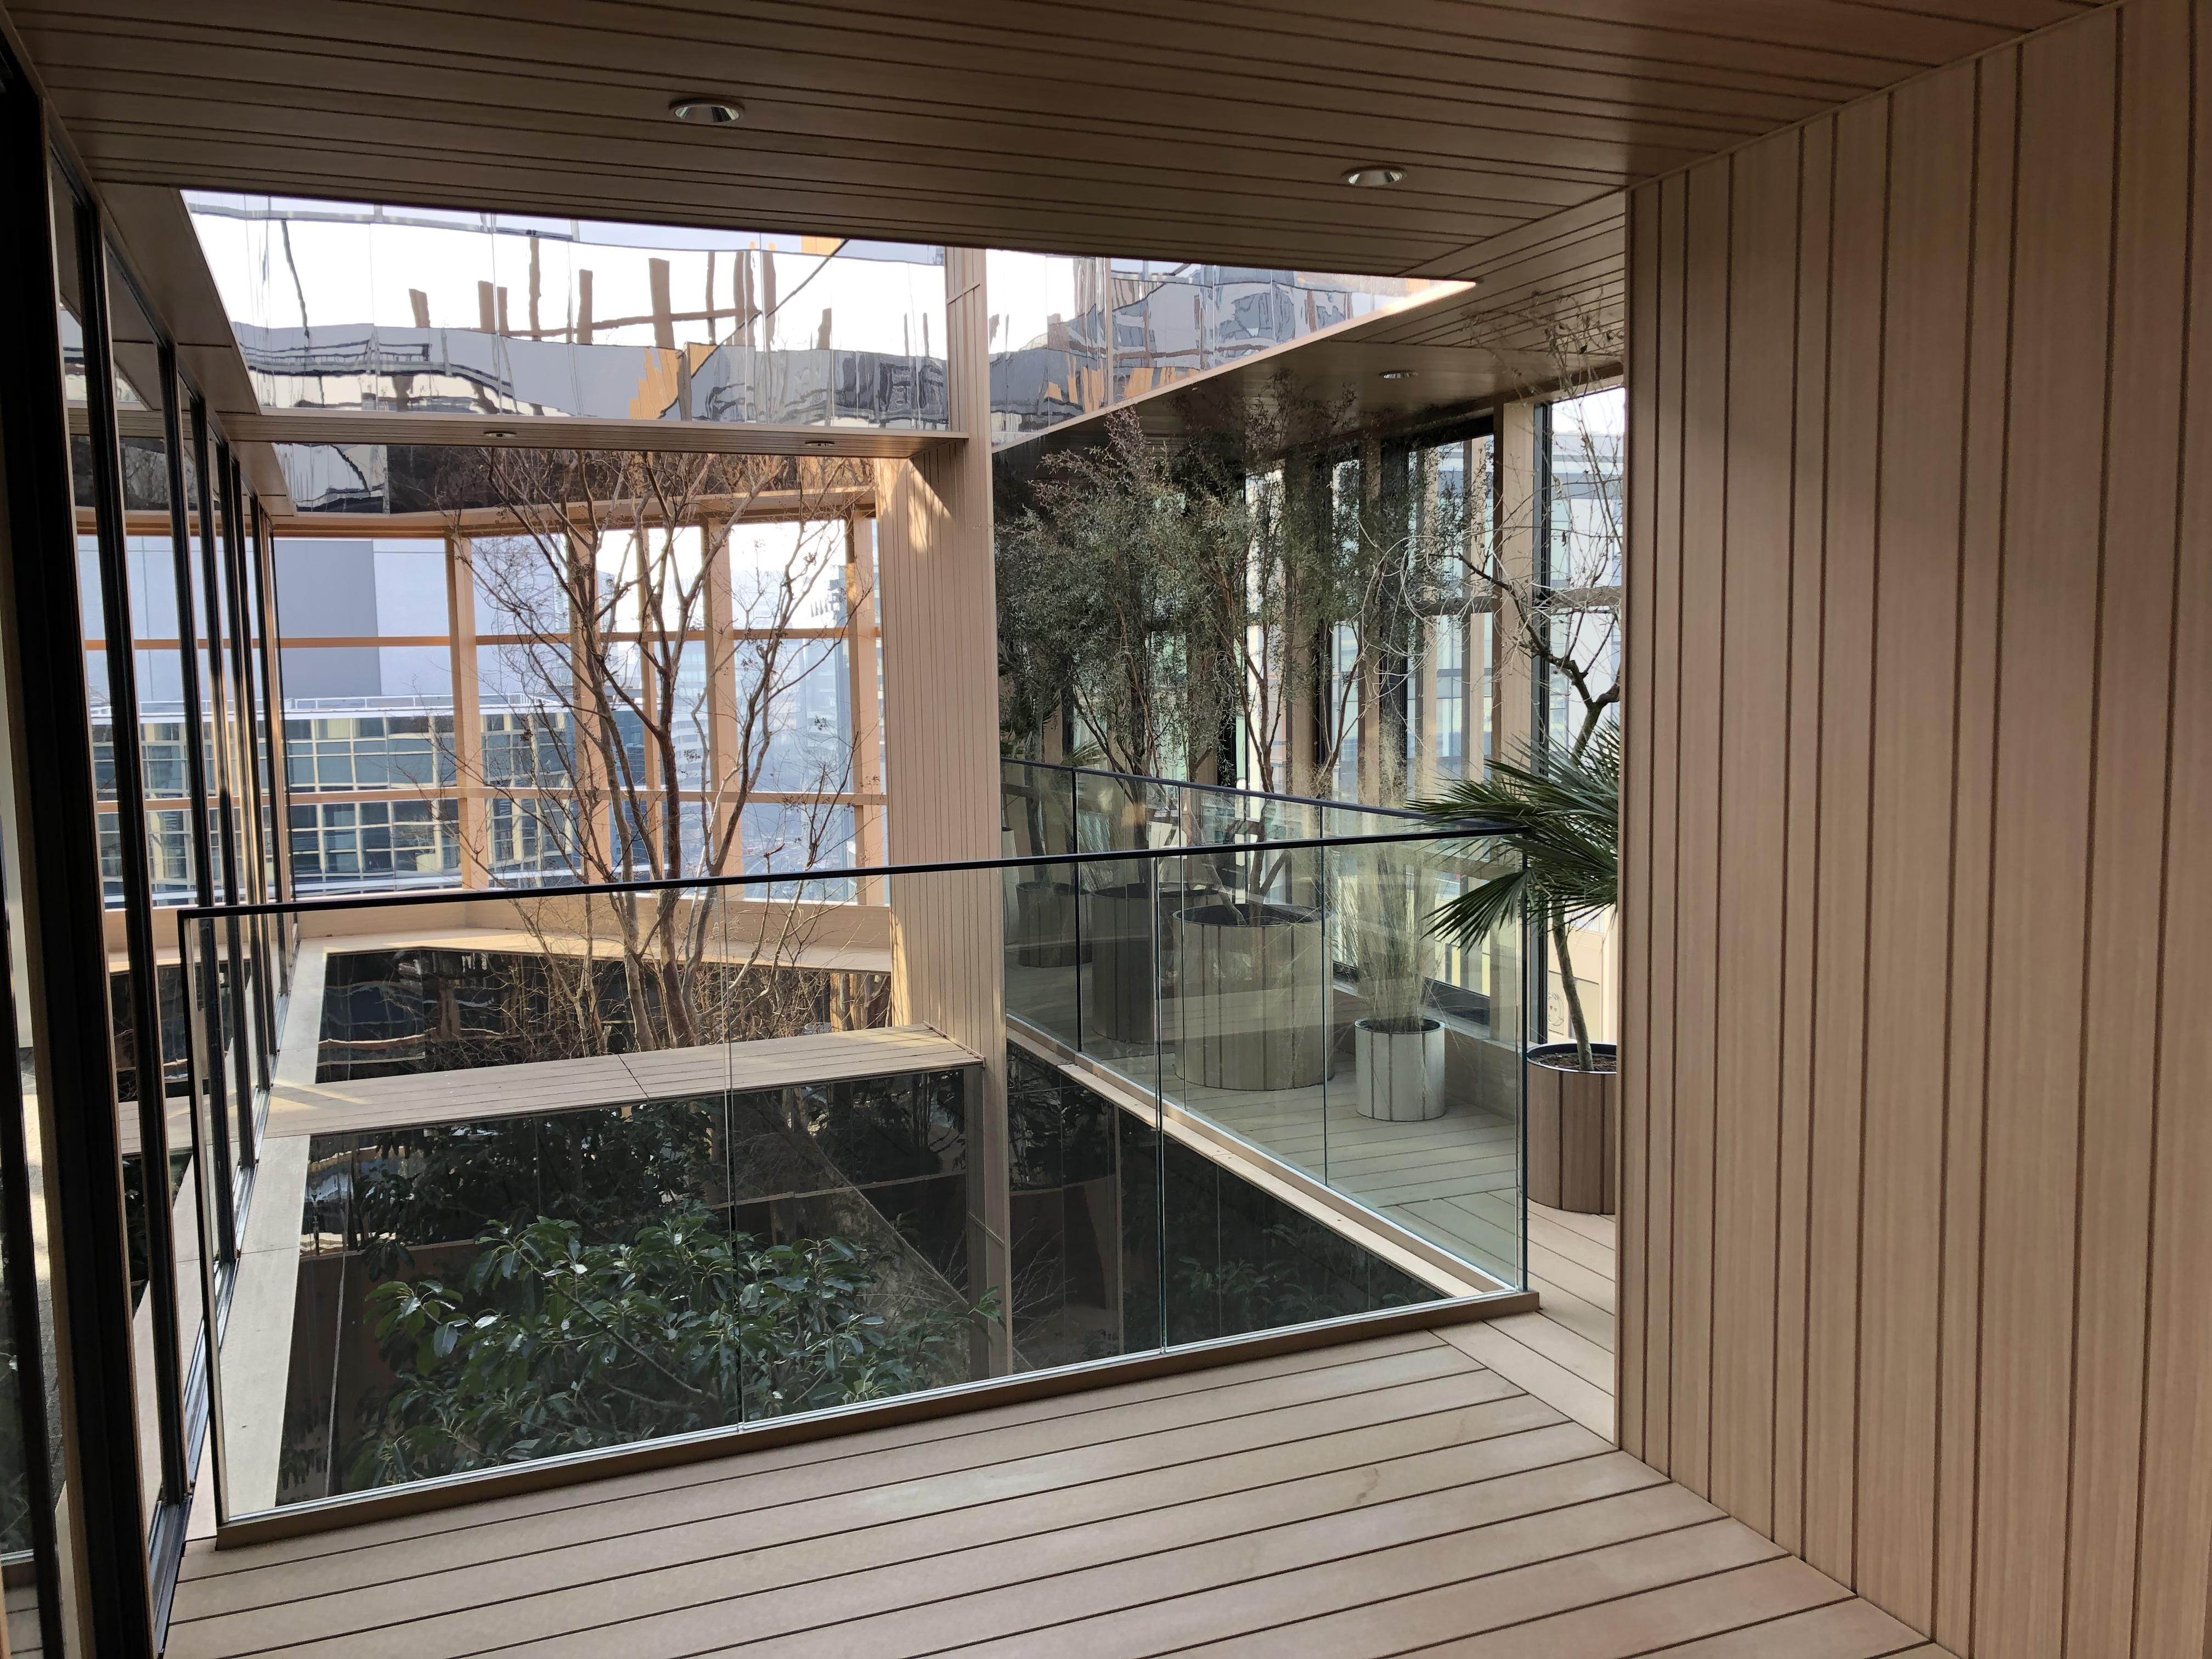 【デザイナーズ】にぎわう麹町の新築ビル<br>植栽の美しいテラスに一目惚れするオフィス